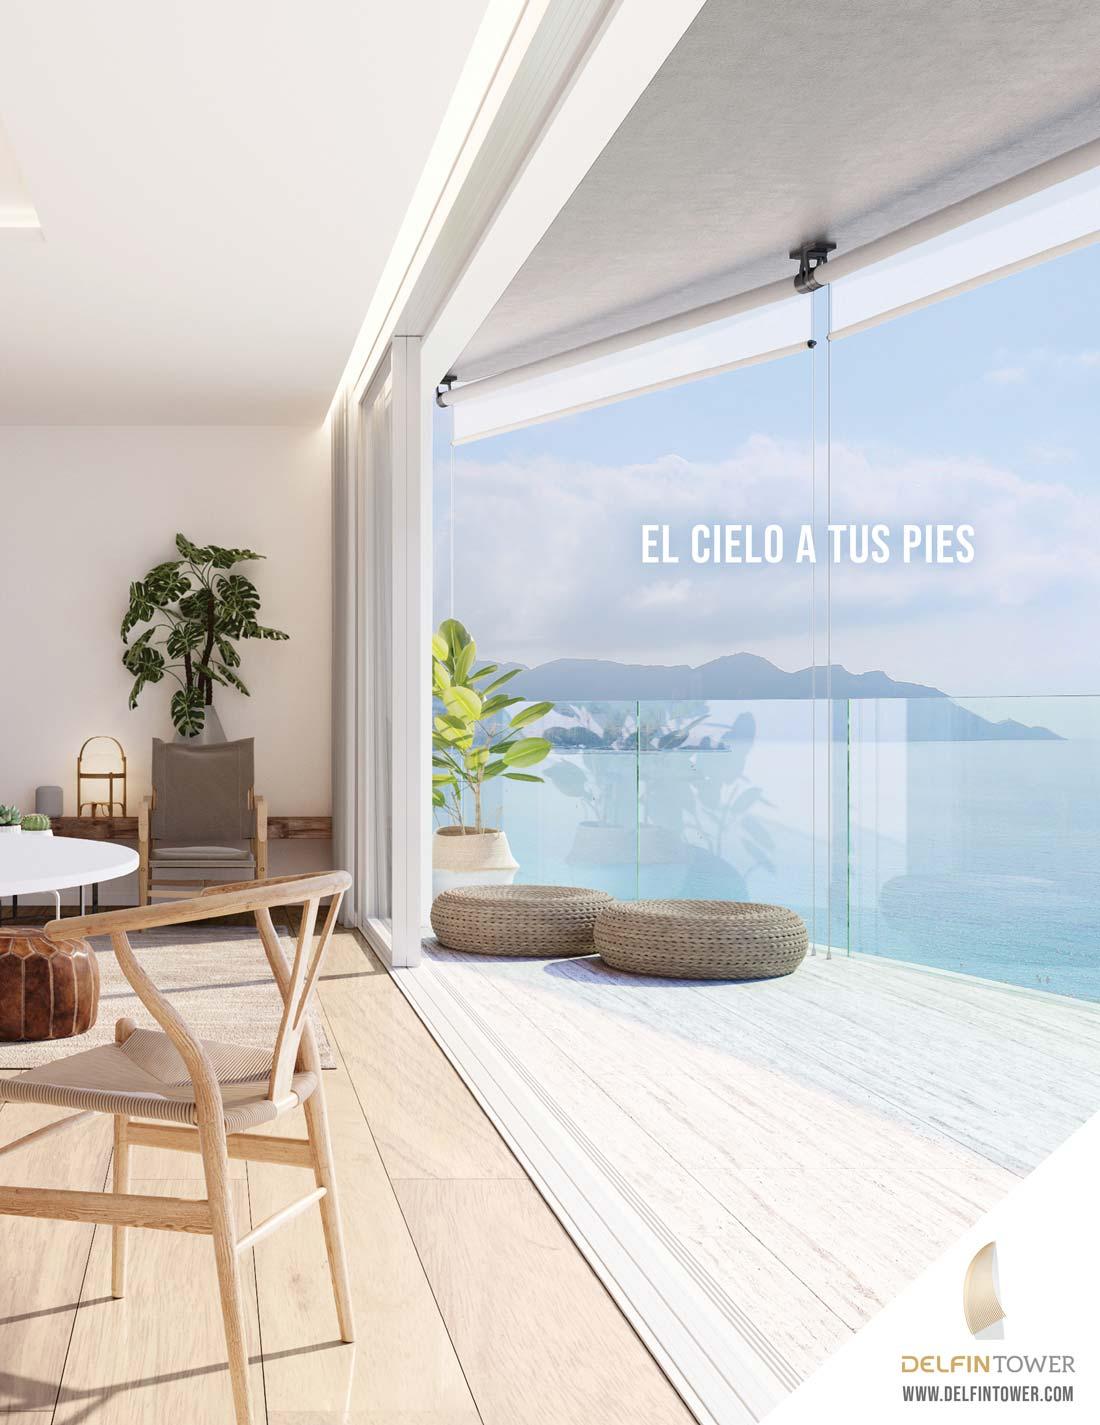 giset design delfin tower campaña publicitaria